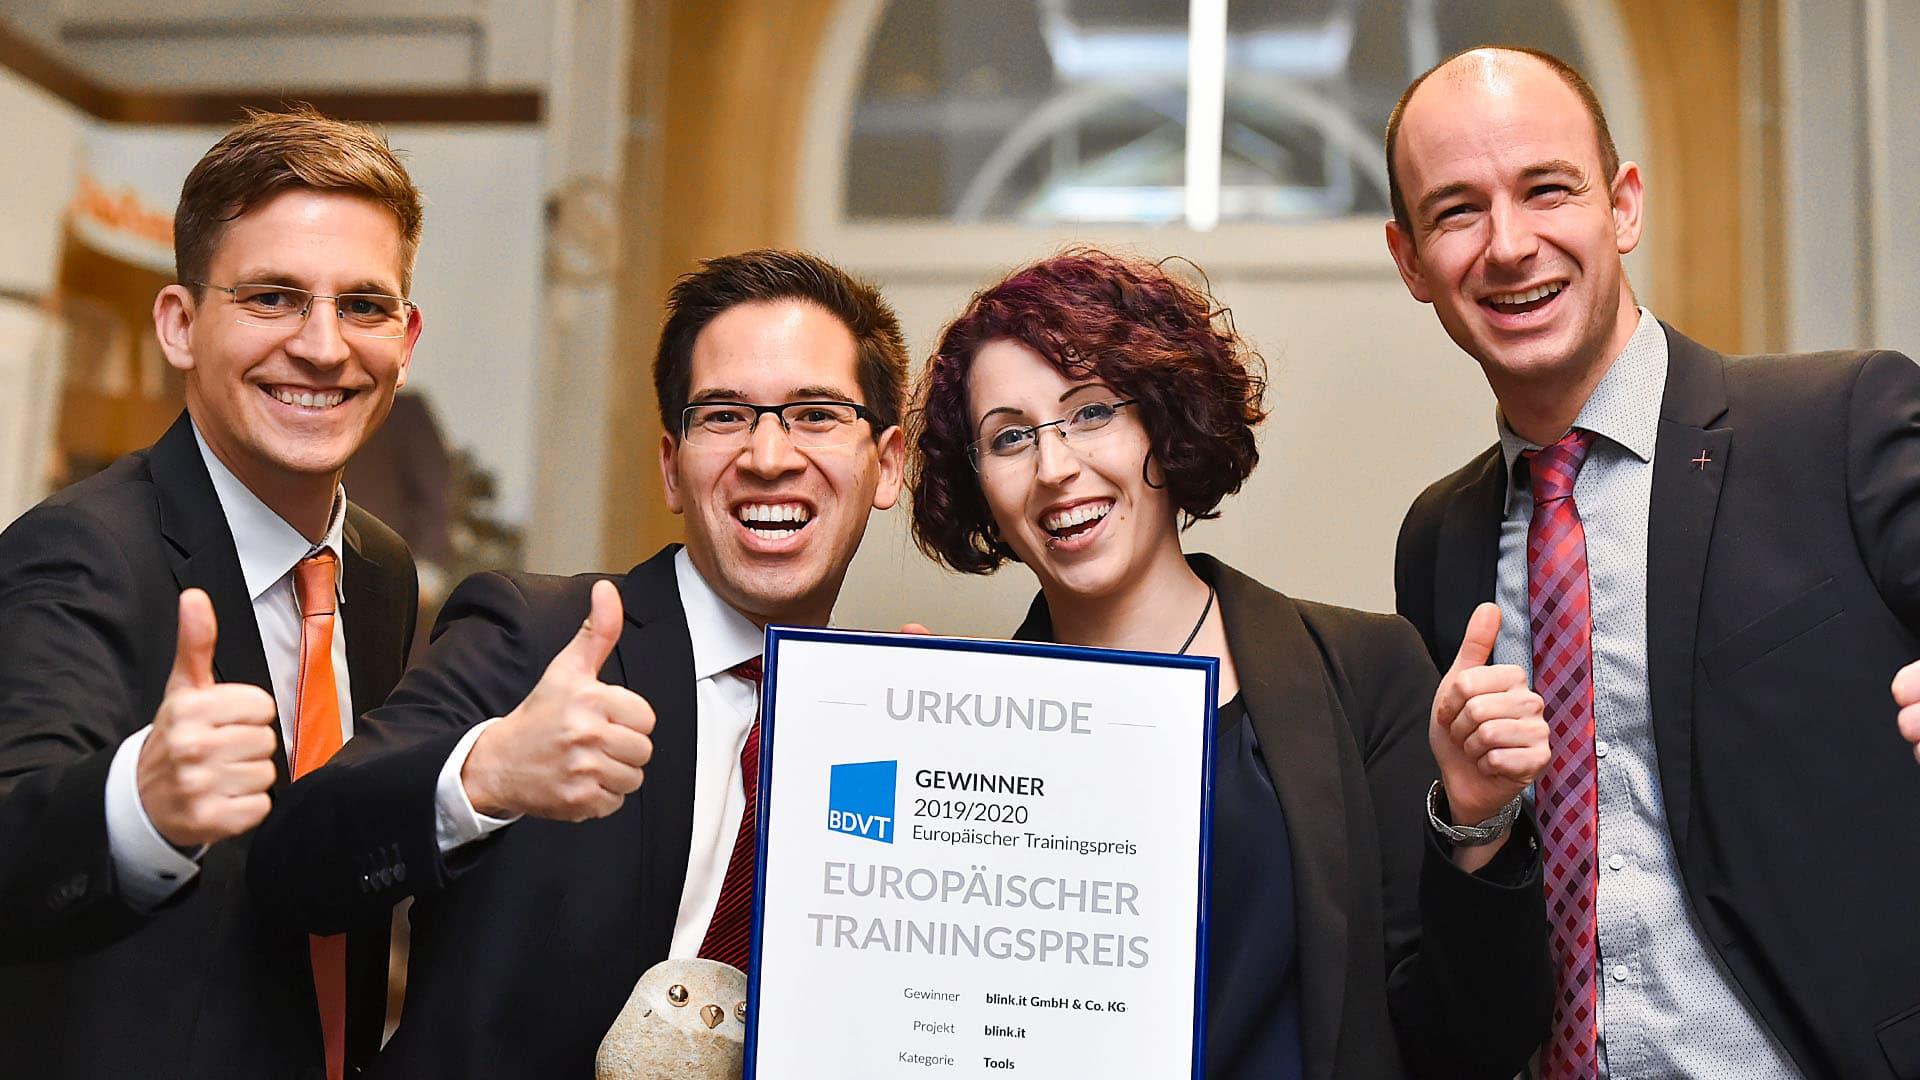 Konstantin, Michael, Laura und Hans bei der Preisverleihung vom BDVT Award